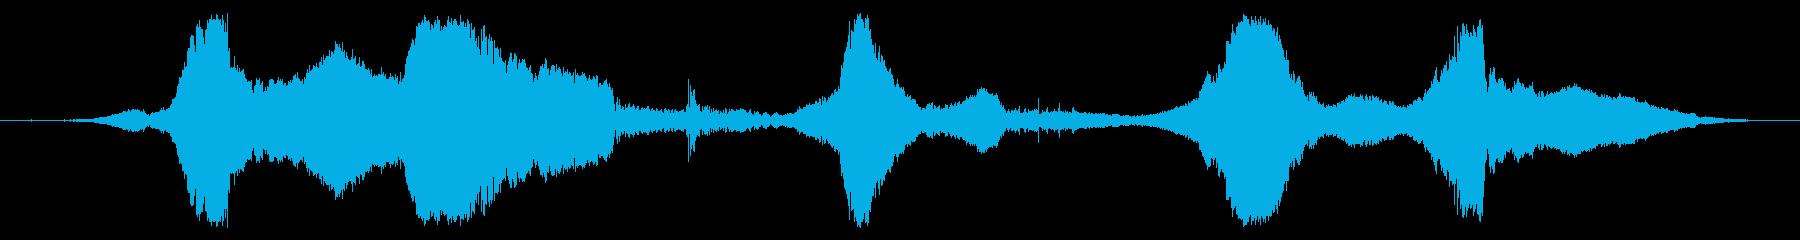 スーパースポーツ:高速で5つの近接パスの再生済みの波形